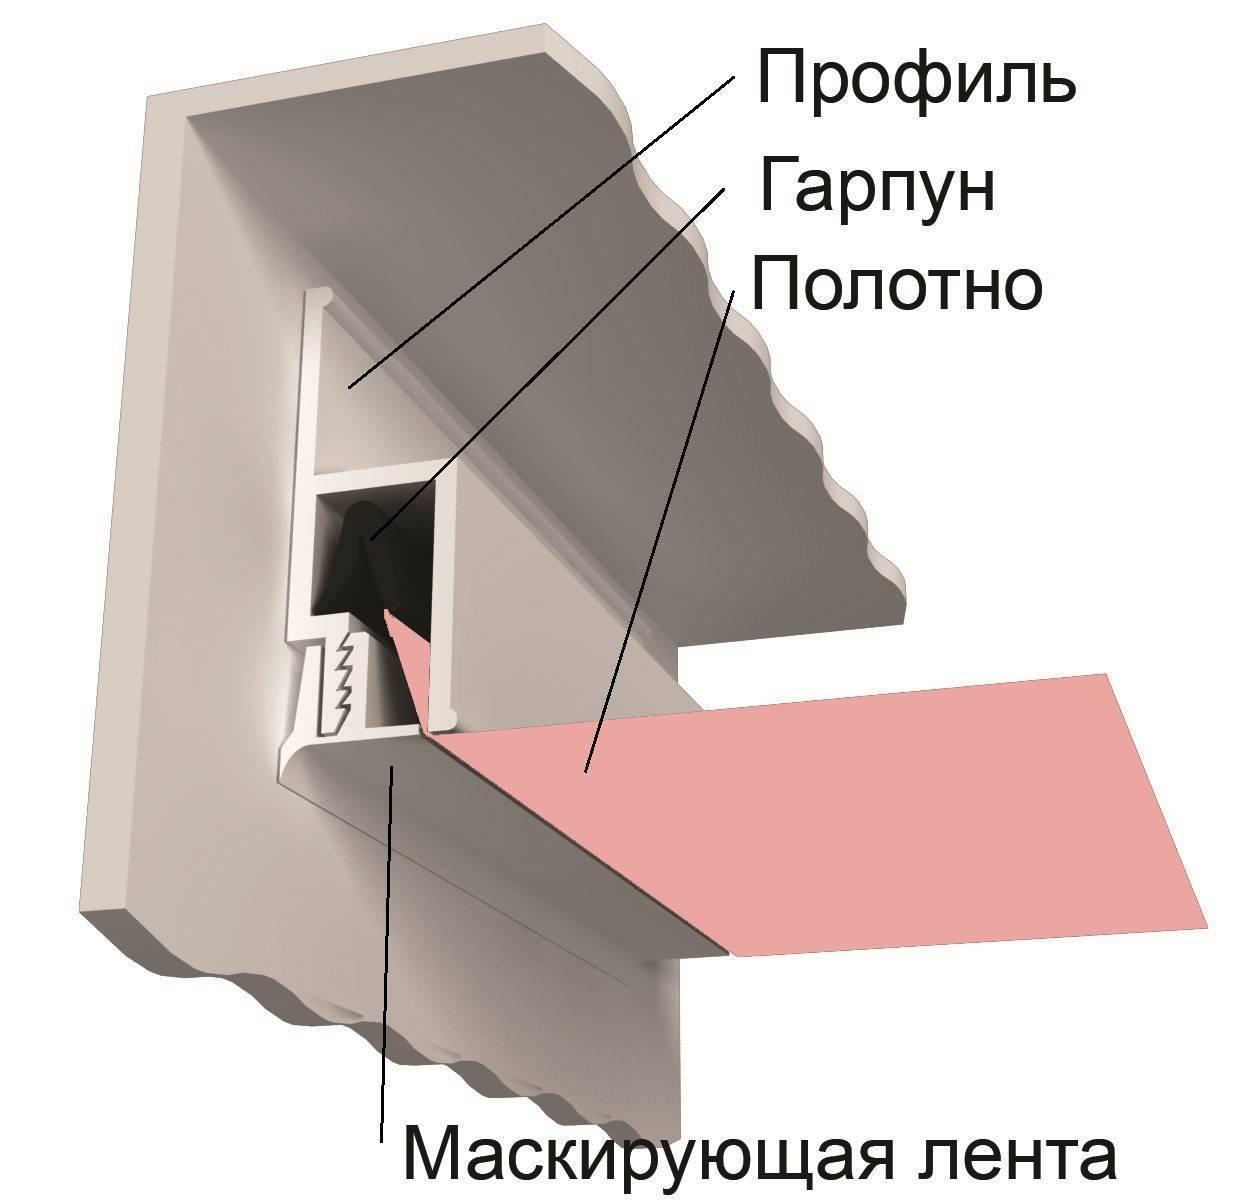 Гарпунный метод крепления натяжных потолков (5 фото)